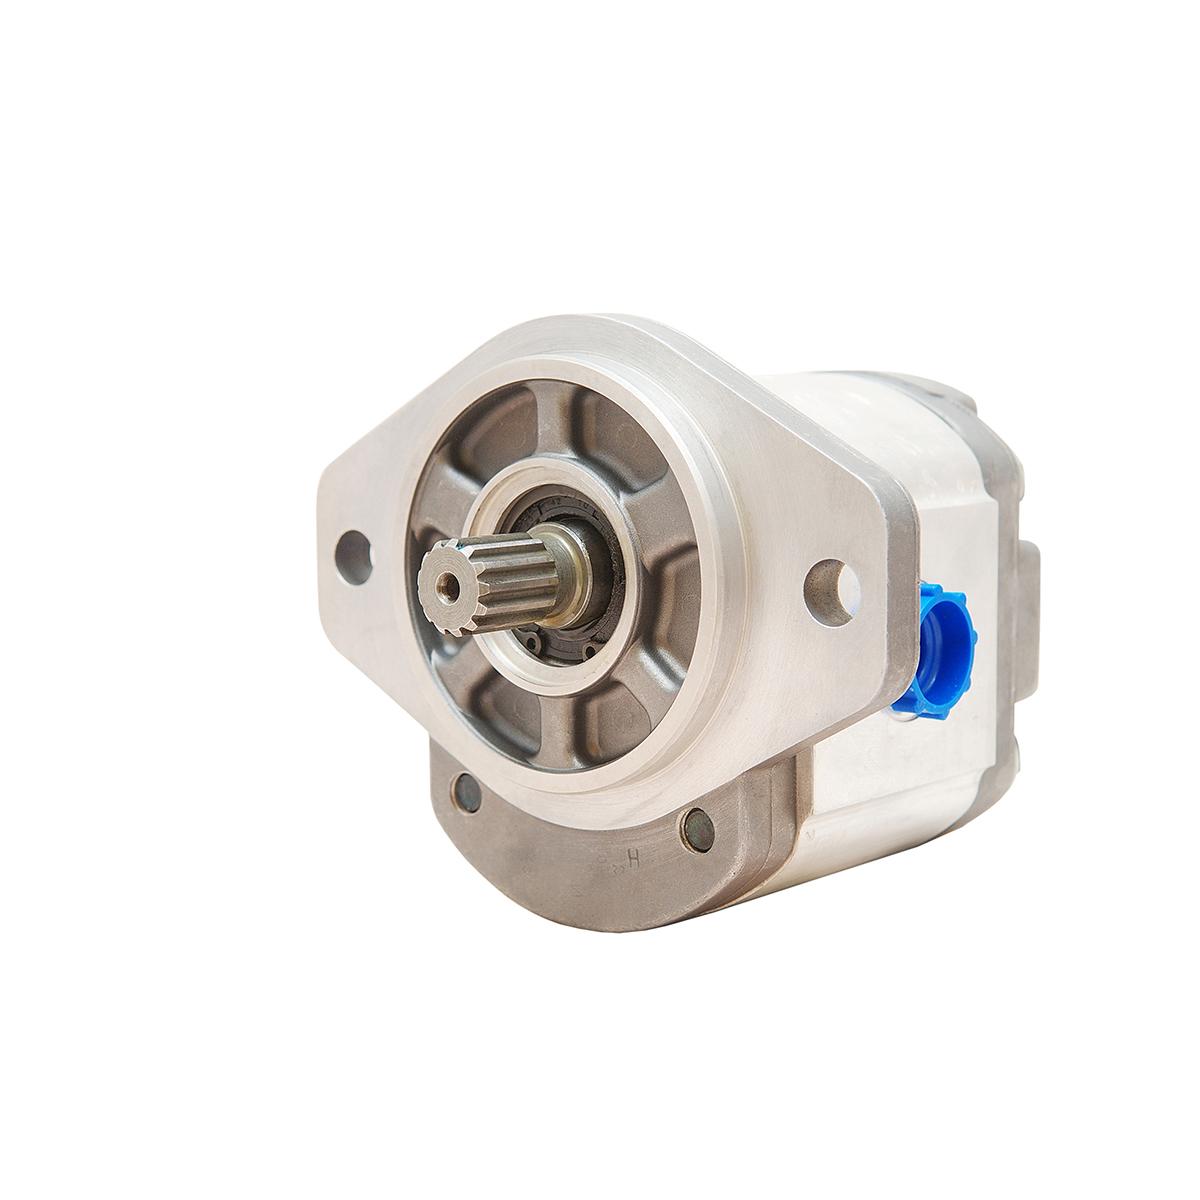 1.37 CID hydraulic gear pump, 9 tooth spline shaft clockwise gear pump | Magister Hydraulics